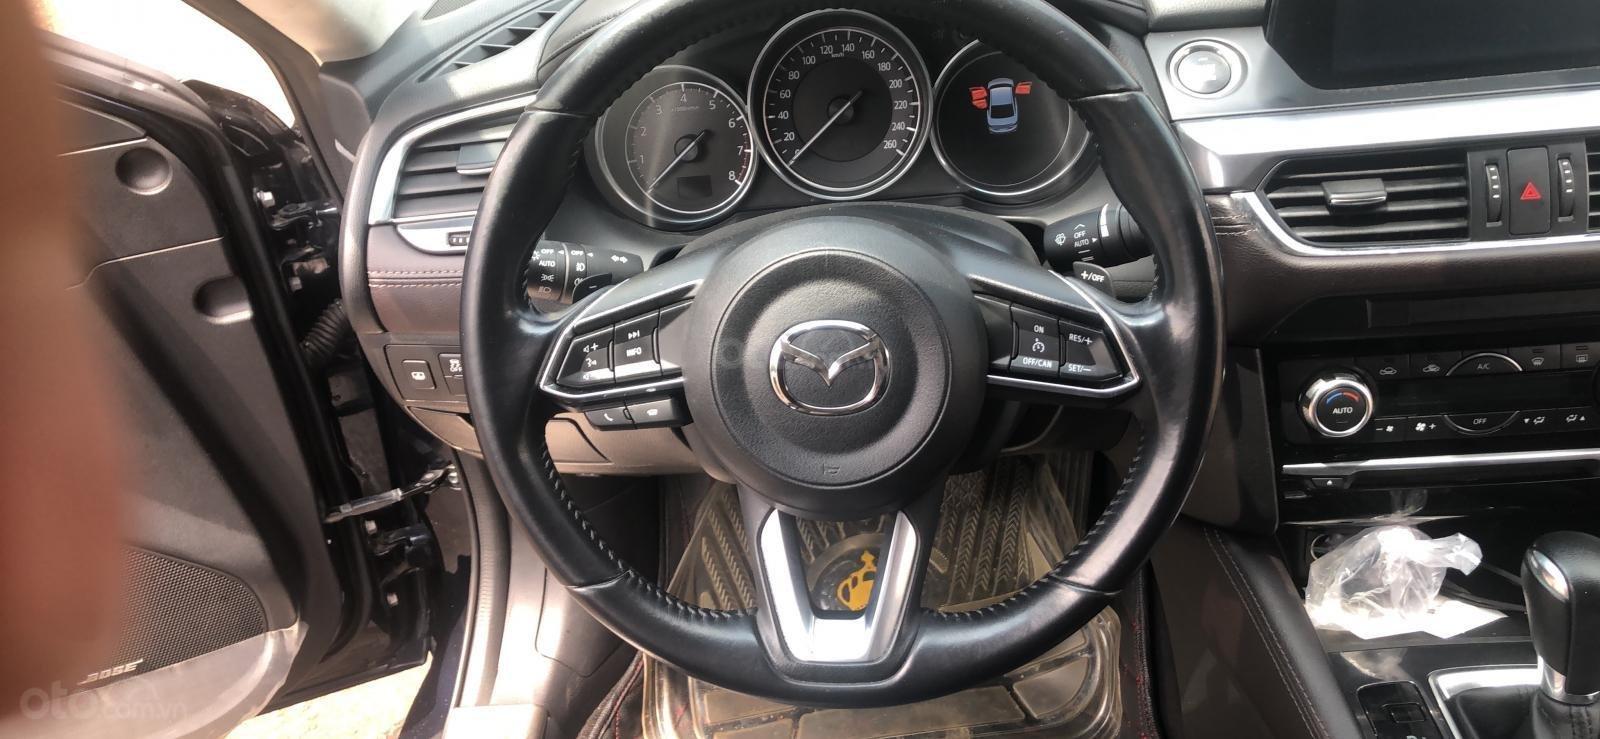 Bán xe Mazda 6 2.0 2017 Premium xanh đen, đi 11K km-2